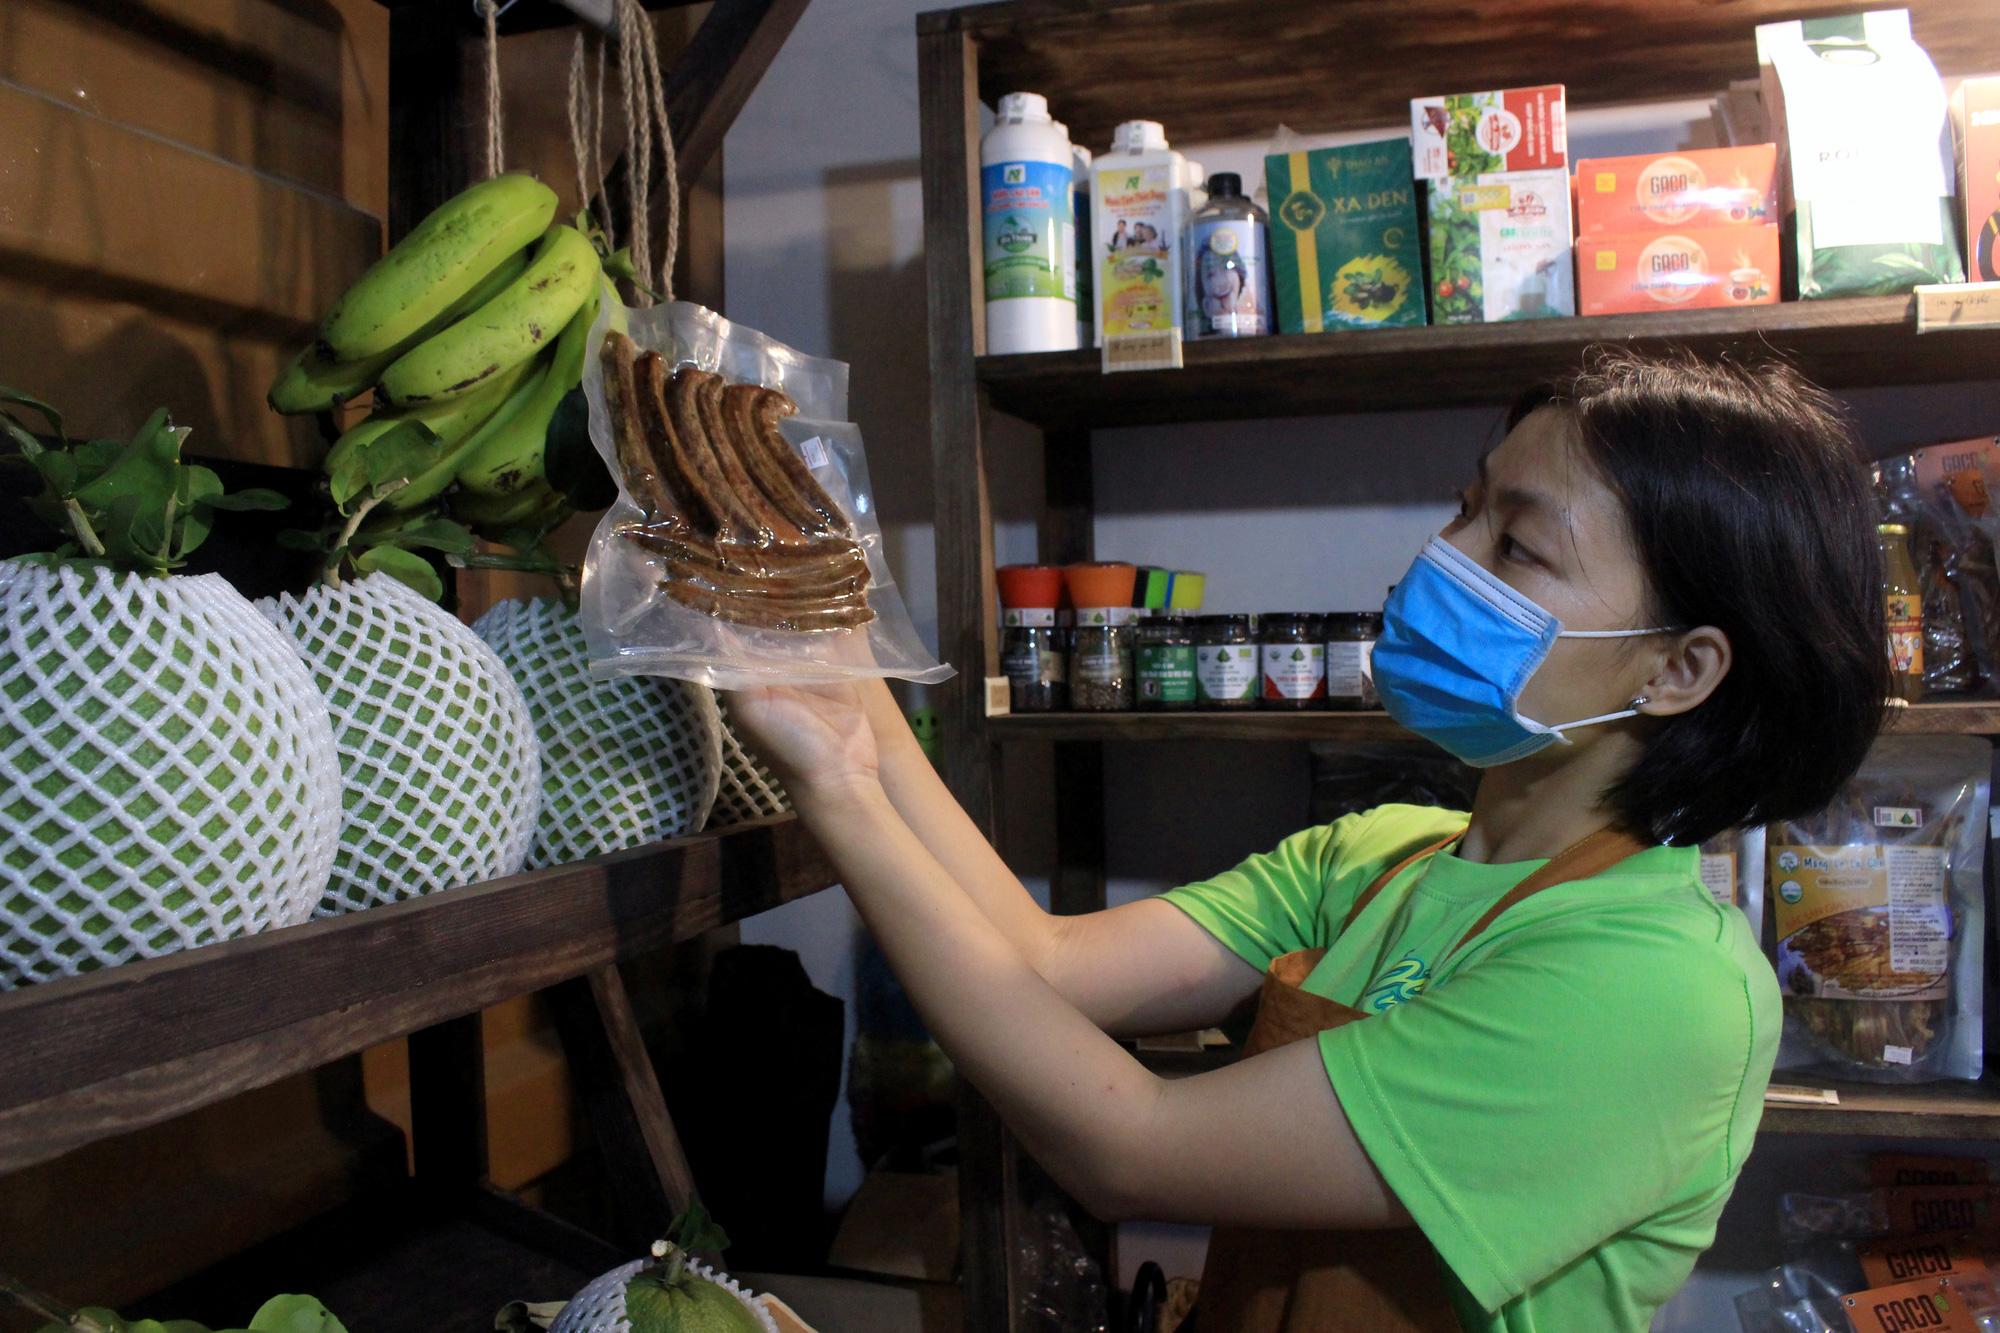 Siêu thị của nông dân đầu tiên ở Sài Gòn có gì, mà vừa mở bán, thanh long, cam canh đã bị mua sạch? - Ảnh 10.